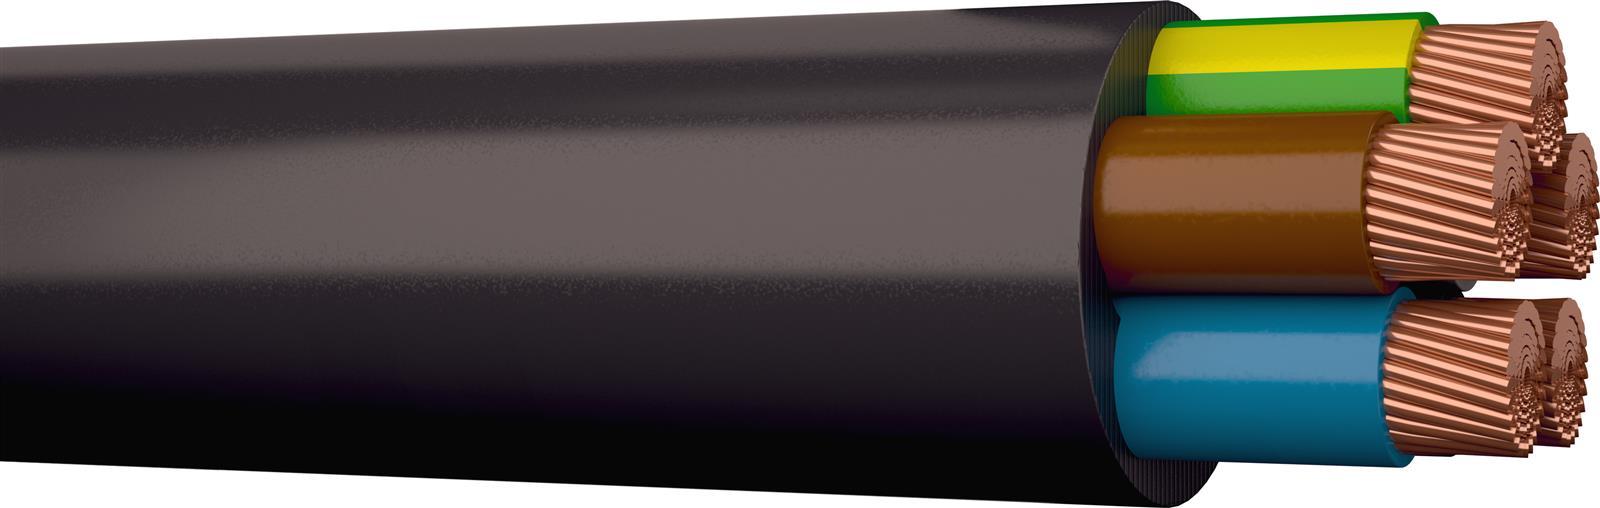 ACEFLEX RV-K 5G6